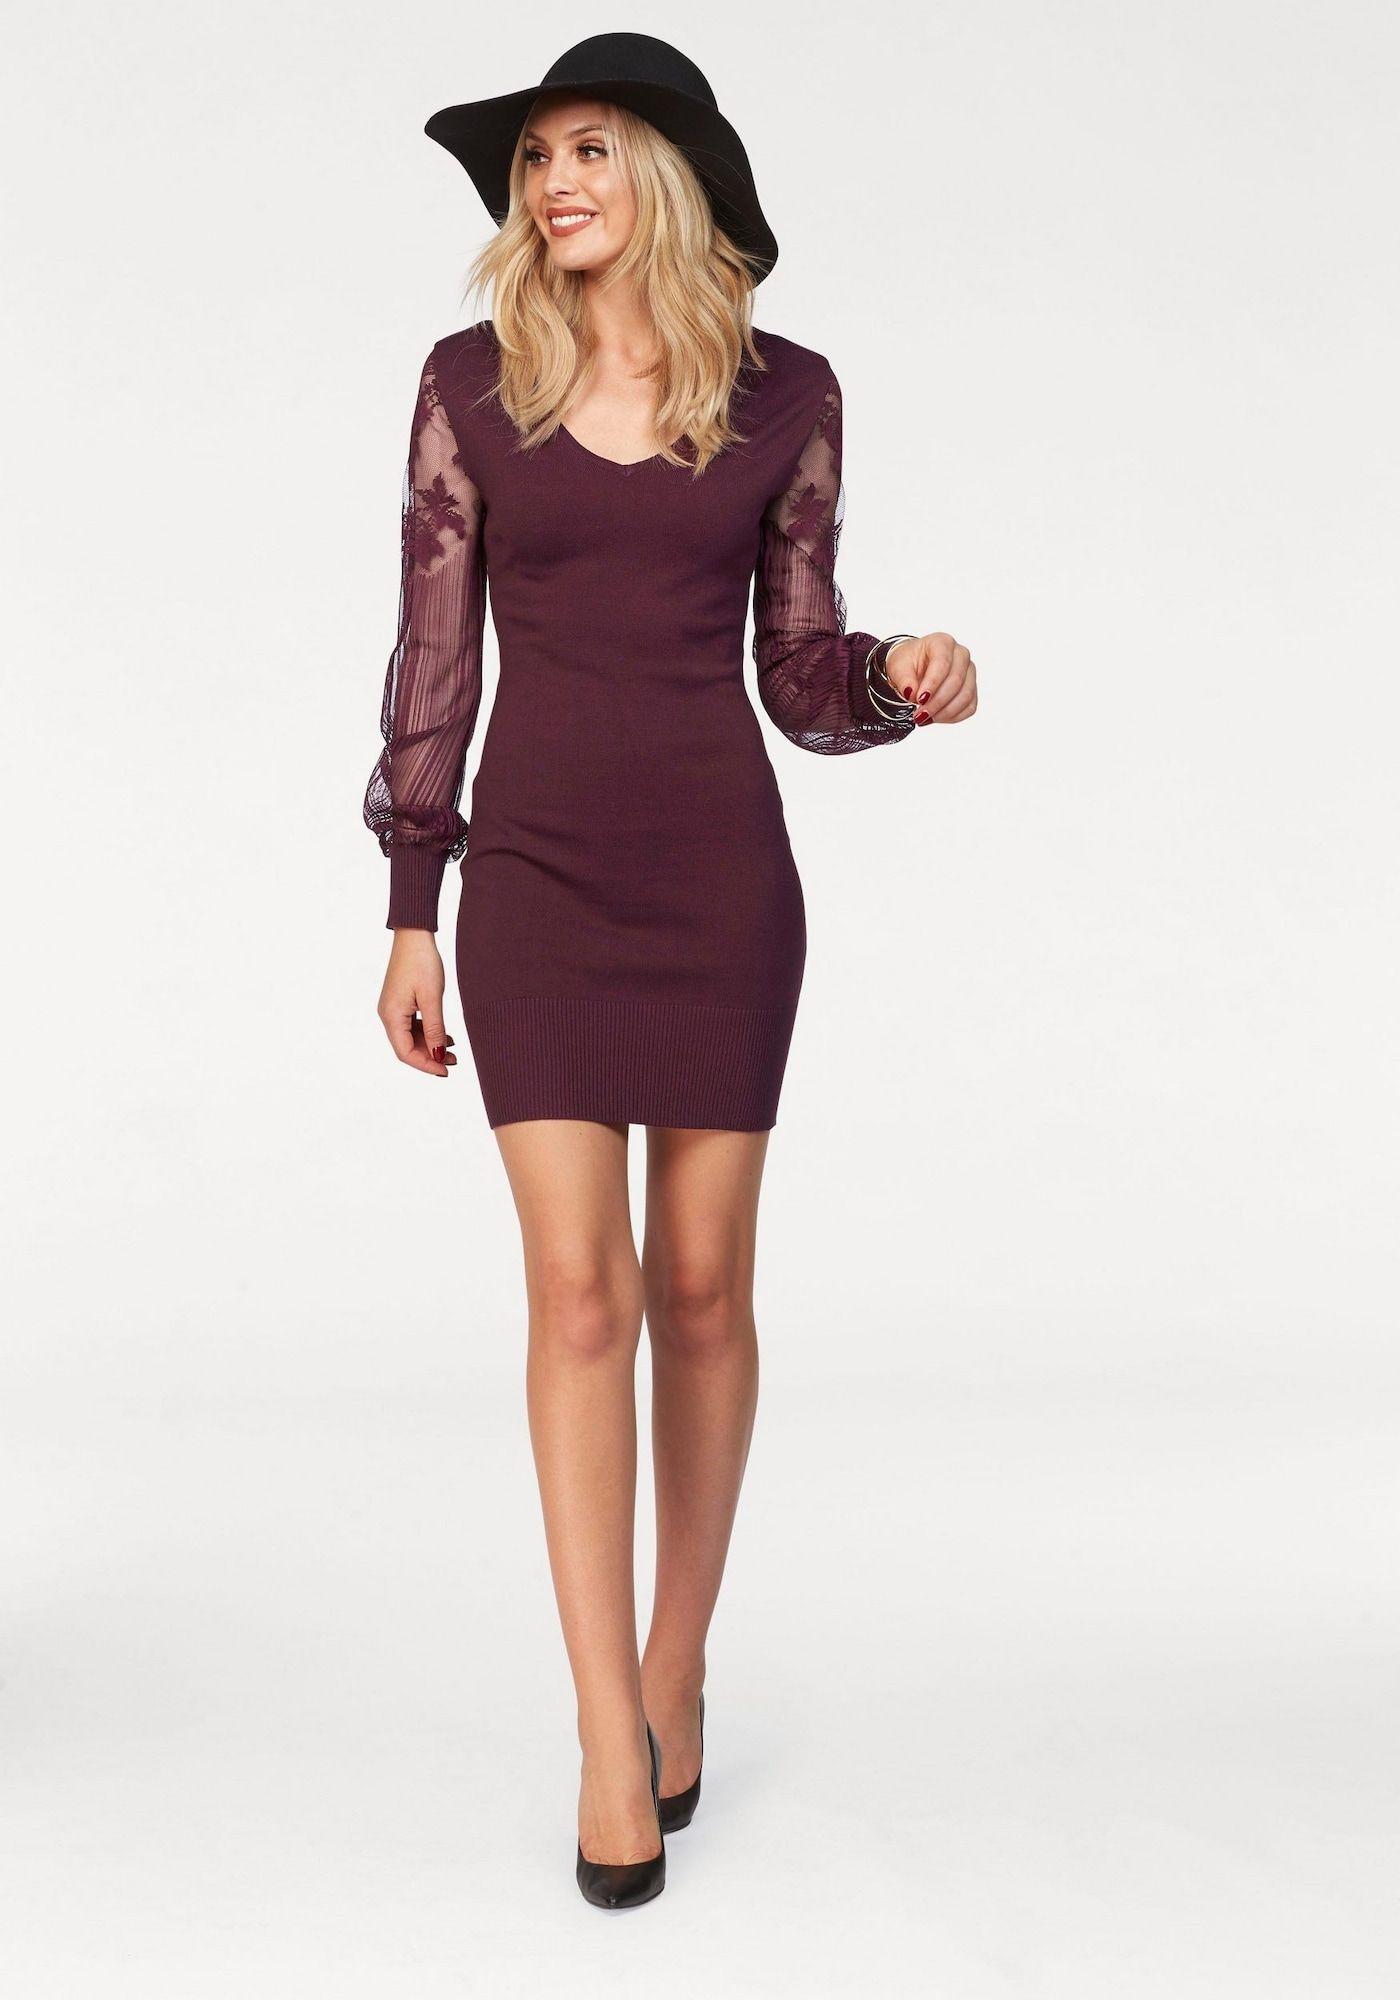 melrose kleid damen, weinrot, größe 36 | kleider, strickkleid